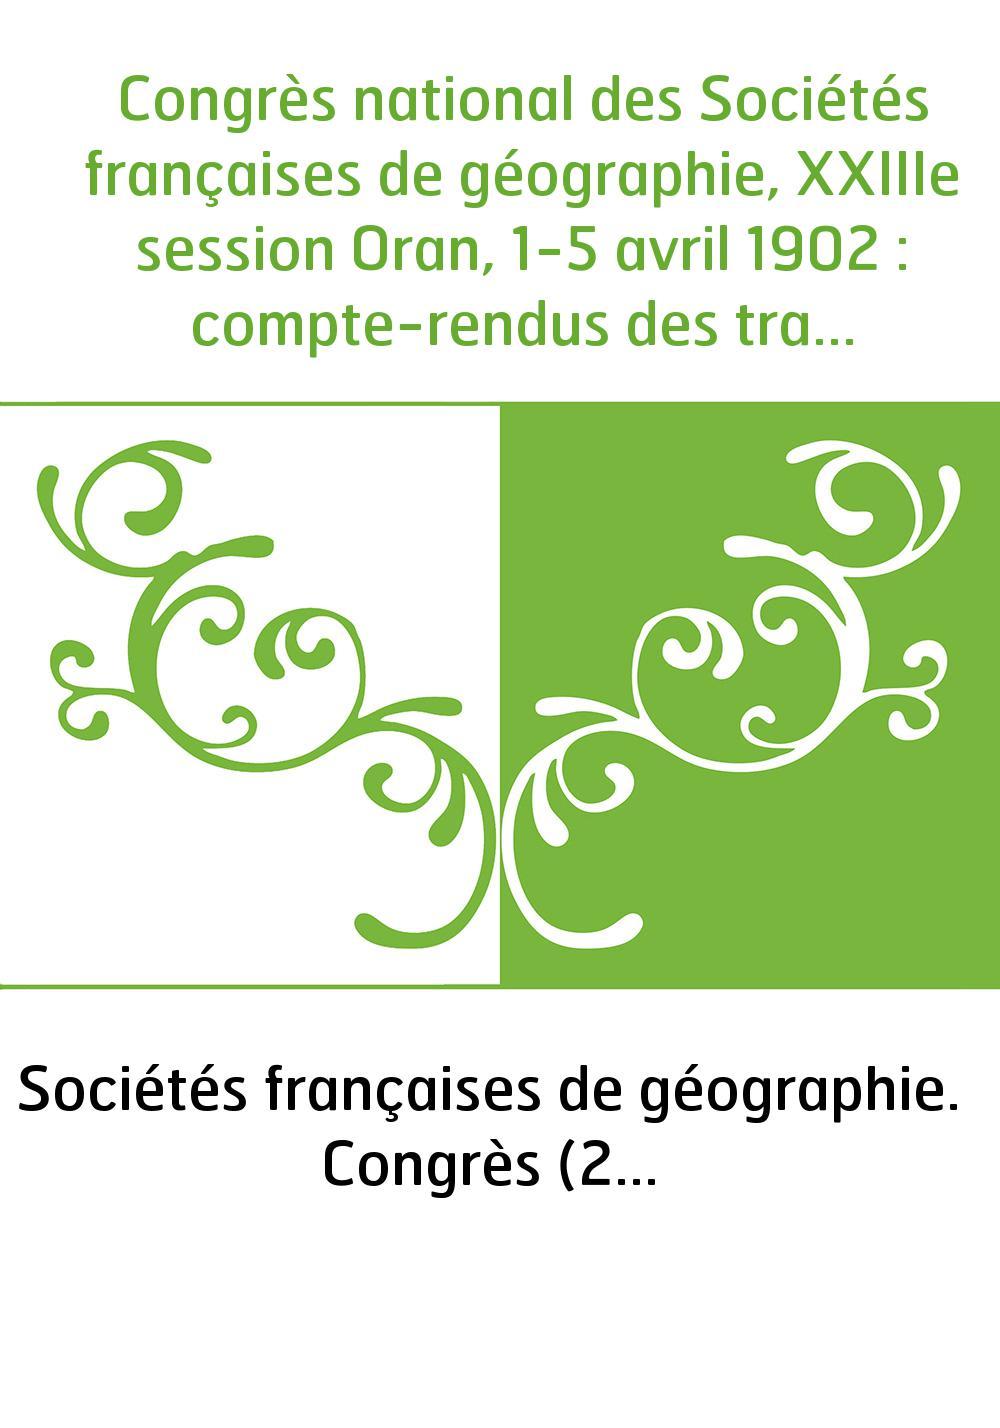 Congrès national des Sociétés françaises de géographie, XXIIIe session Oran, 1-5 avril 1902 : compte-rendus des travaux du congr